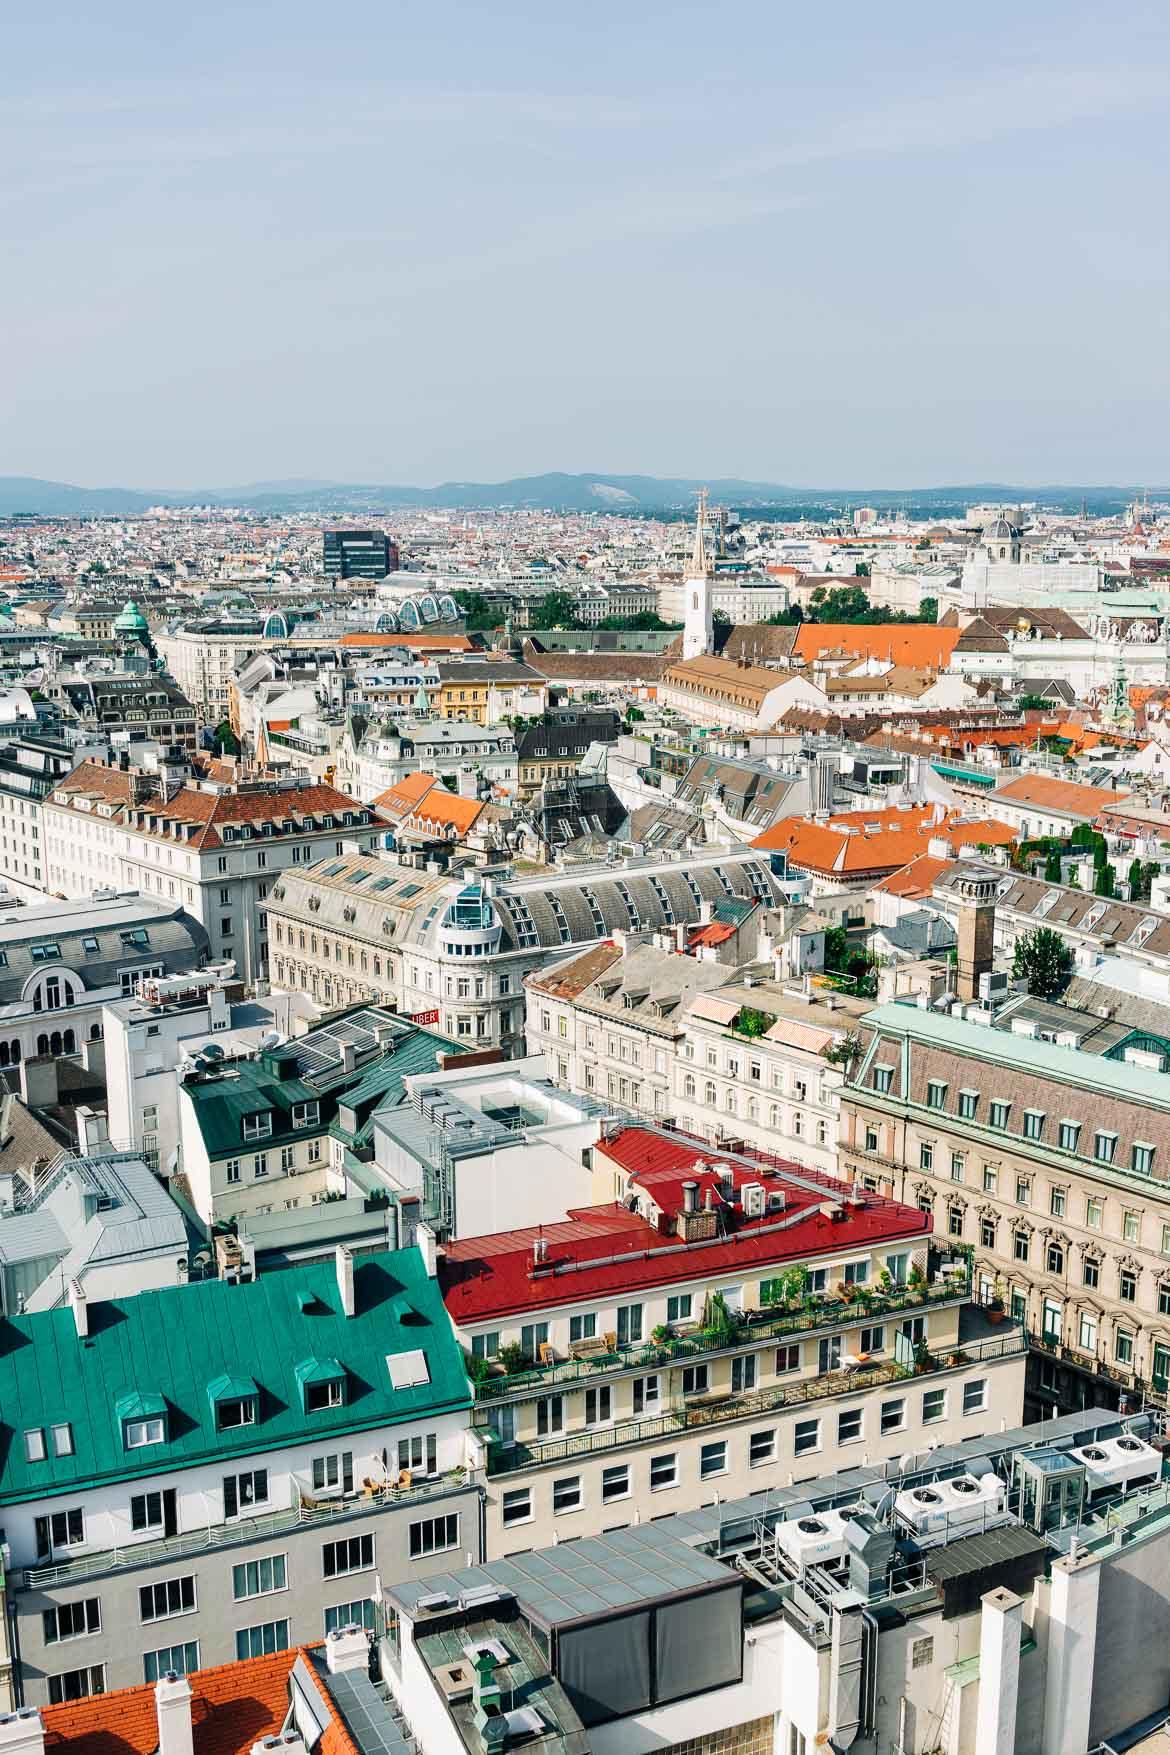 Best View of Vienna